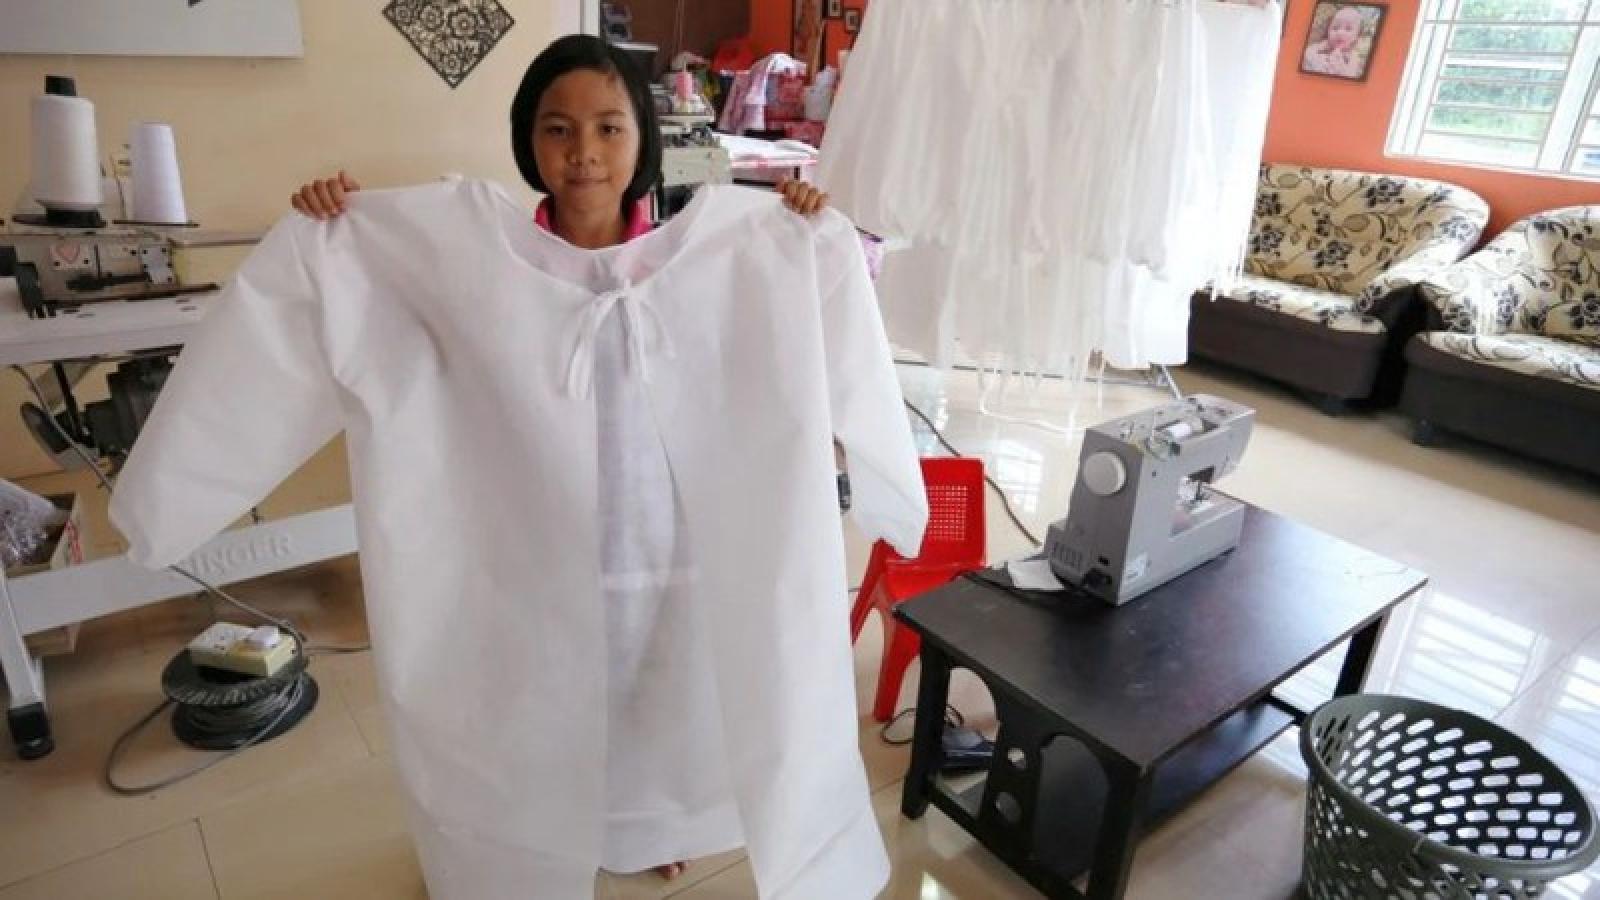 Nữ sinh Malaysia 9 tuổi may hơn trăm bộ đồ bảo hộ chống Covid-19